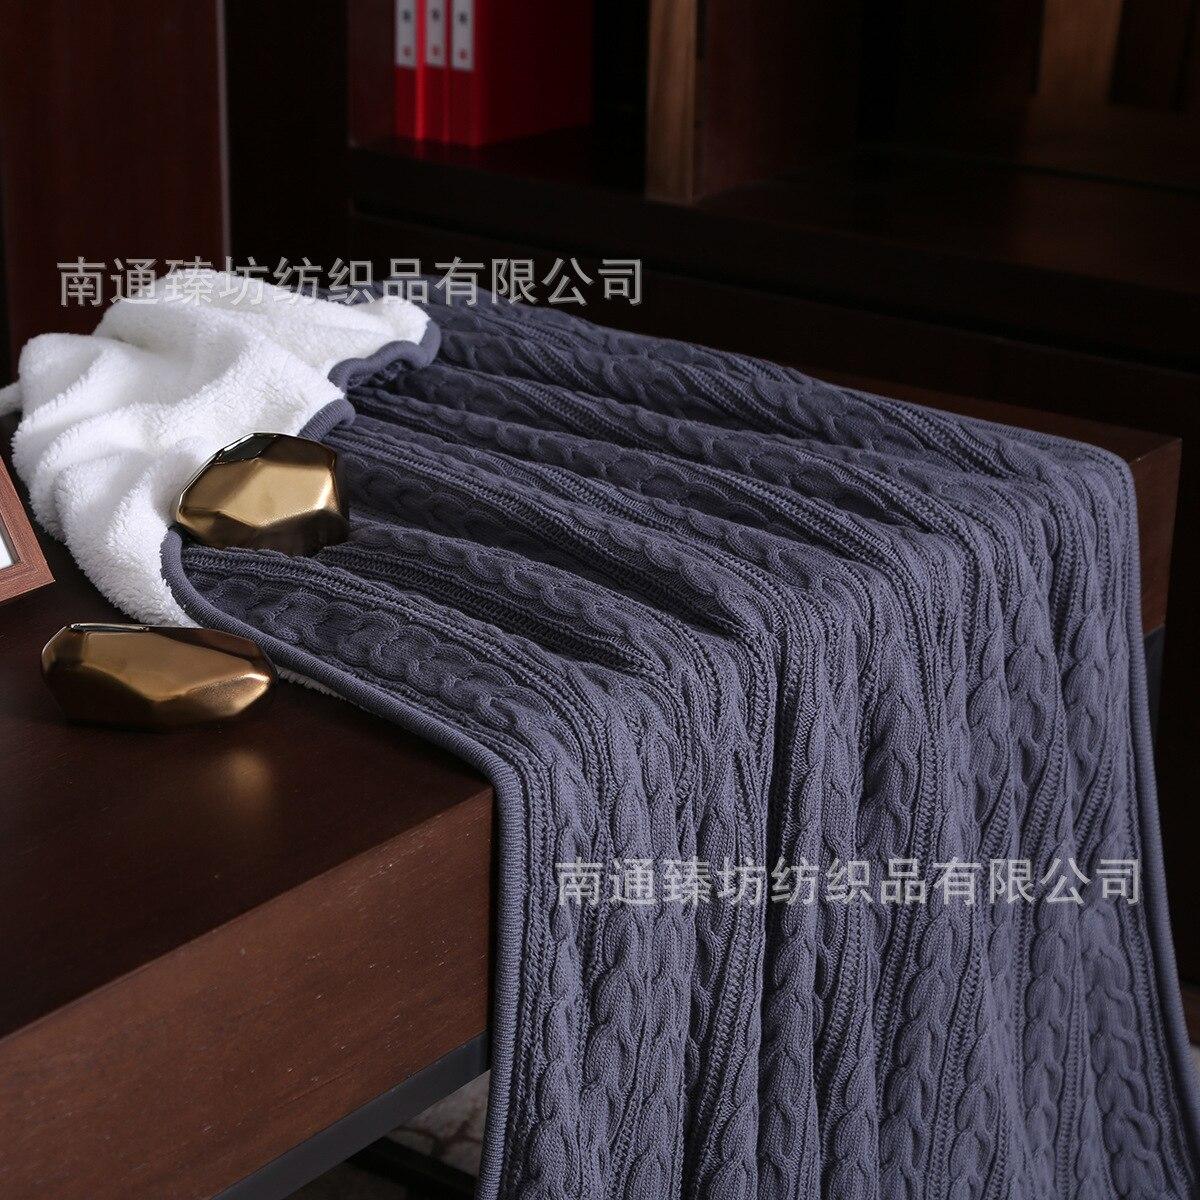 Весенне осеннее одеяло, кондиционер, одеяло, одеяла для кровати, меховое одеяло, вязаное одеяло, зимнее одеяло - 4